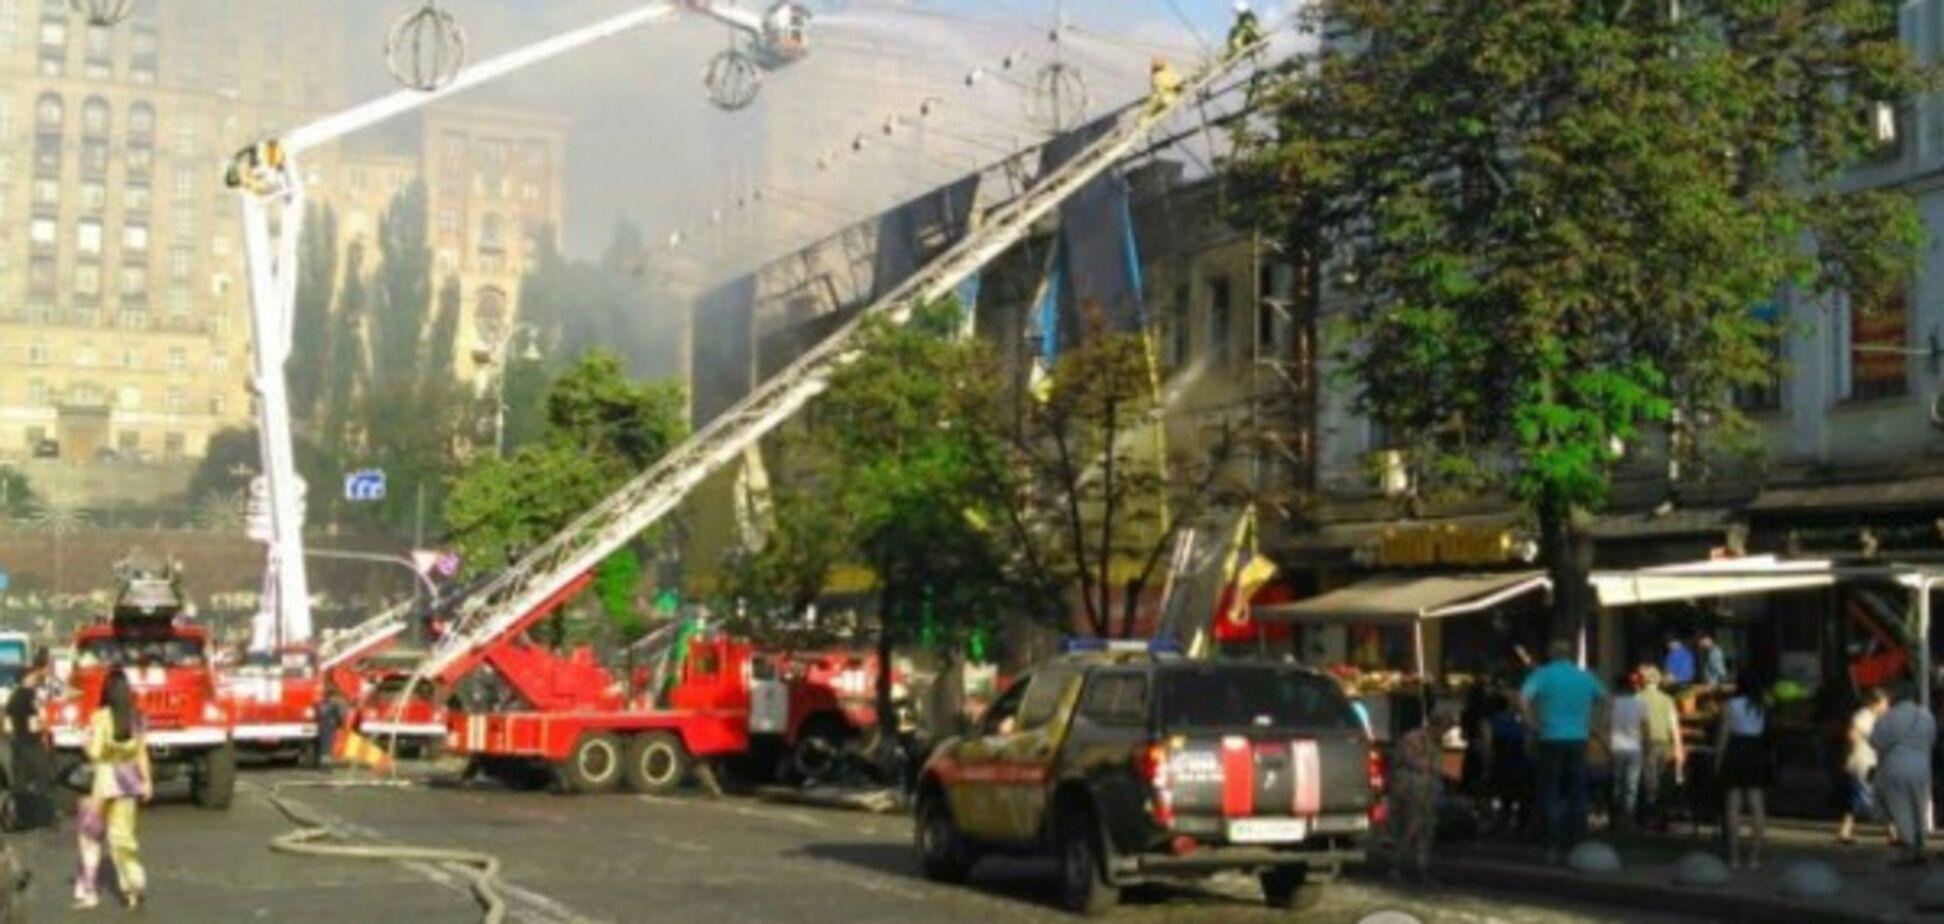 Мощный пожар в центре Киева: все детали и кадры с места ЧП